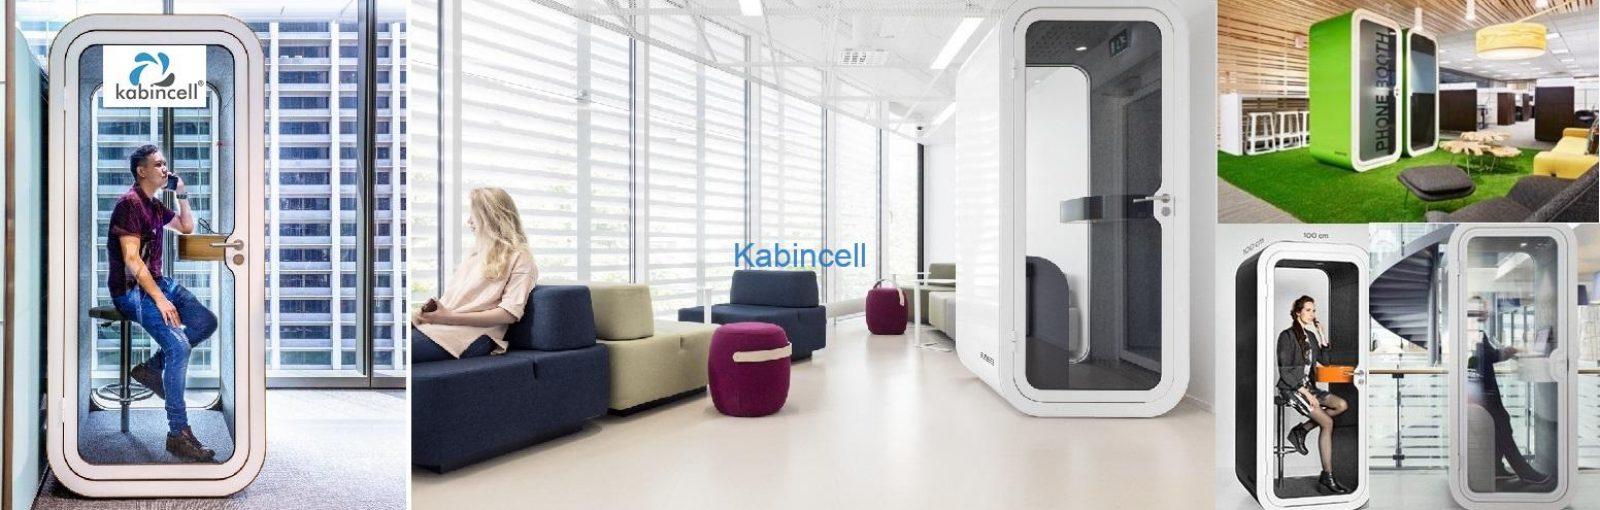 Kabincell